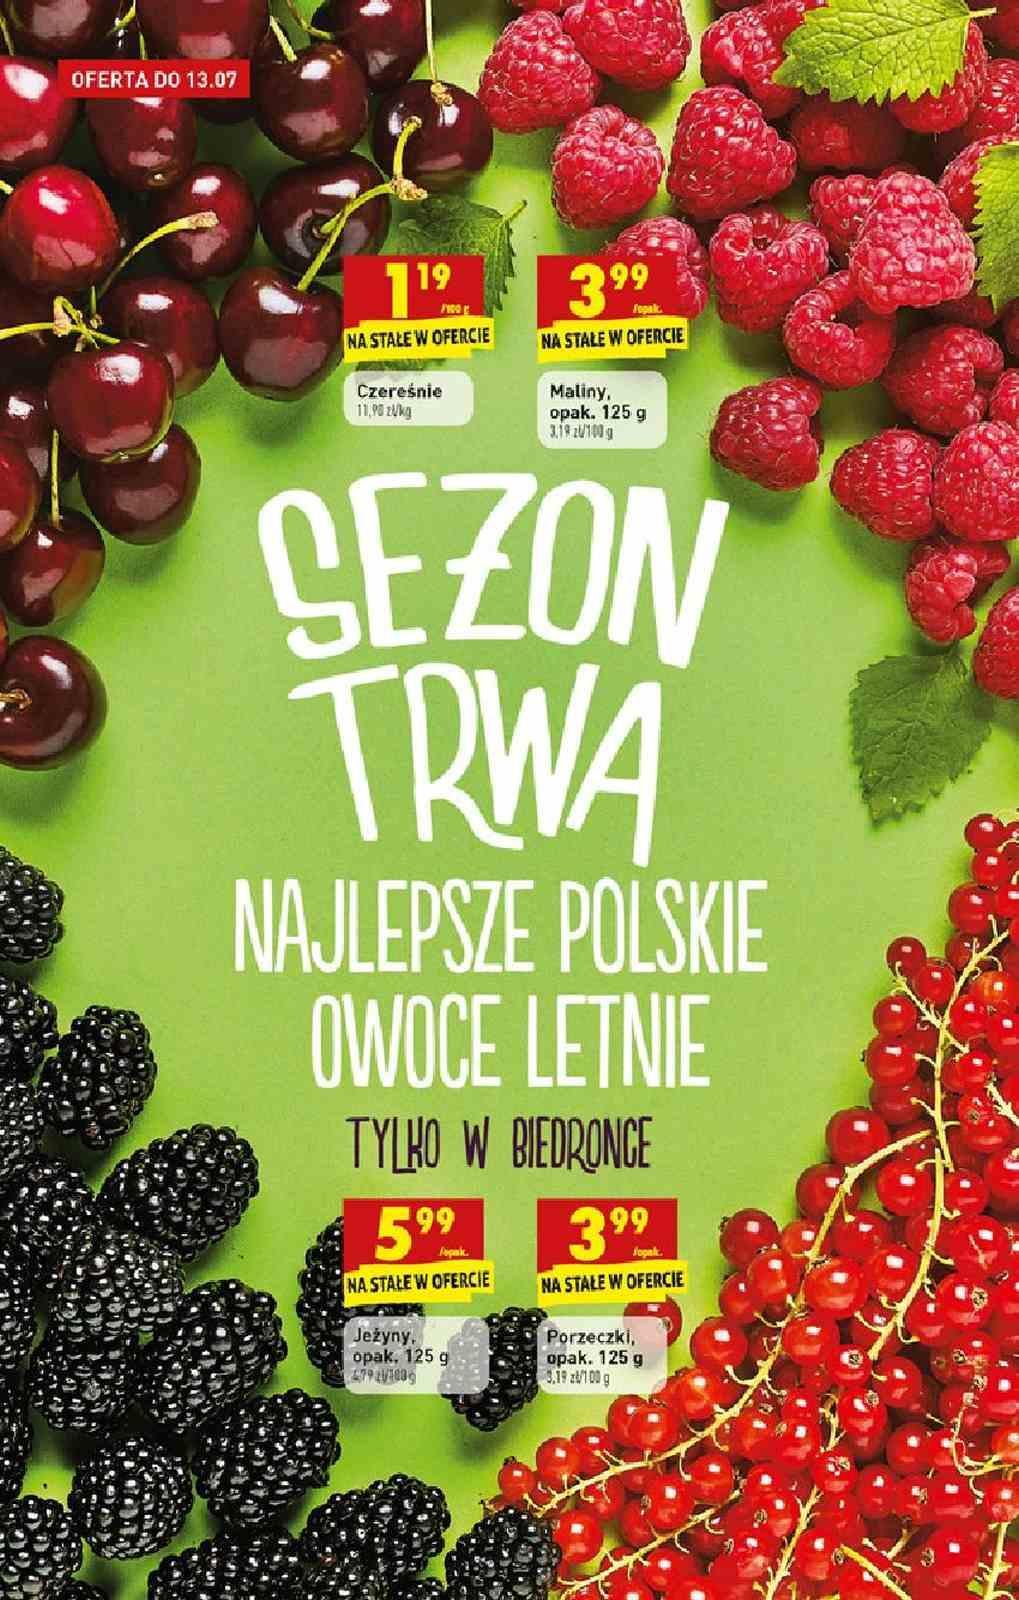 Gazetka promocyjna Biedronka do 17/07/2019 str.5